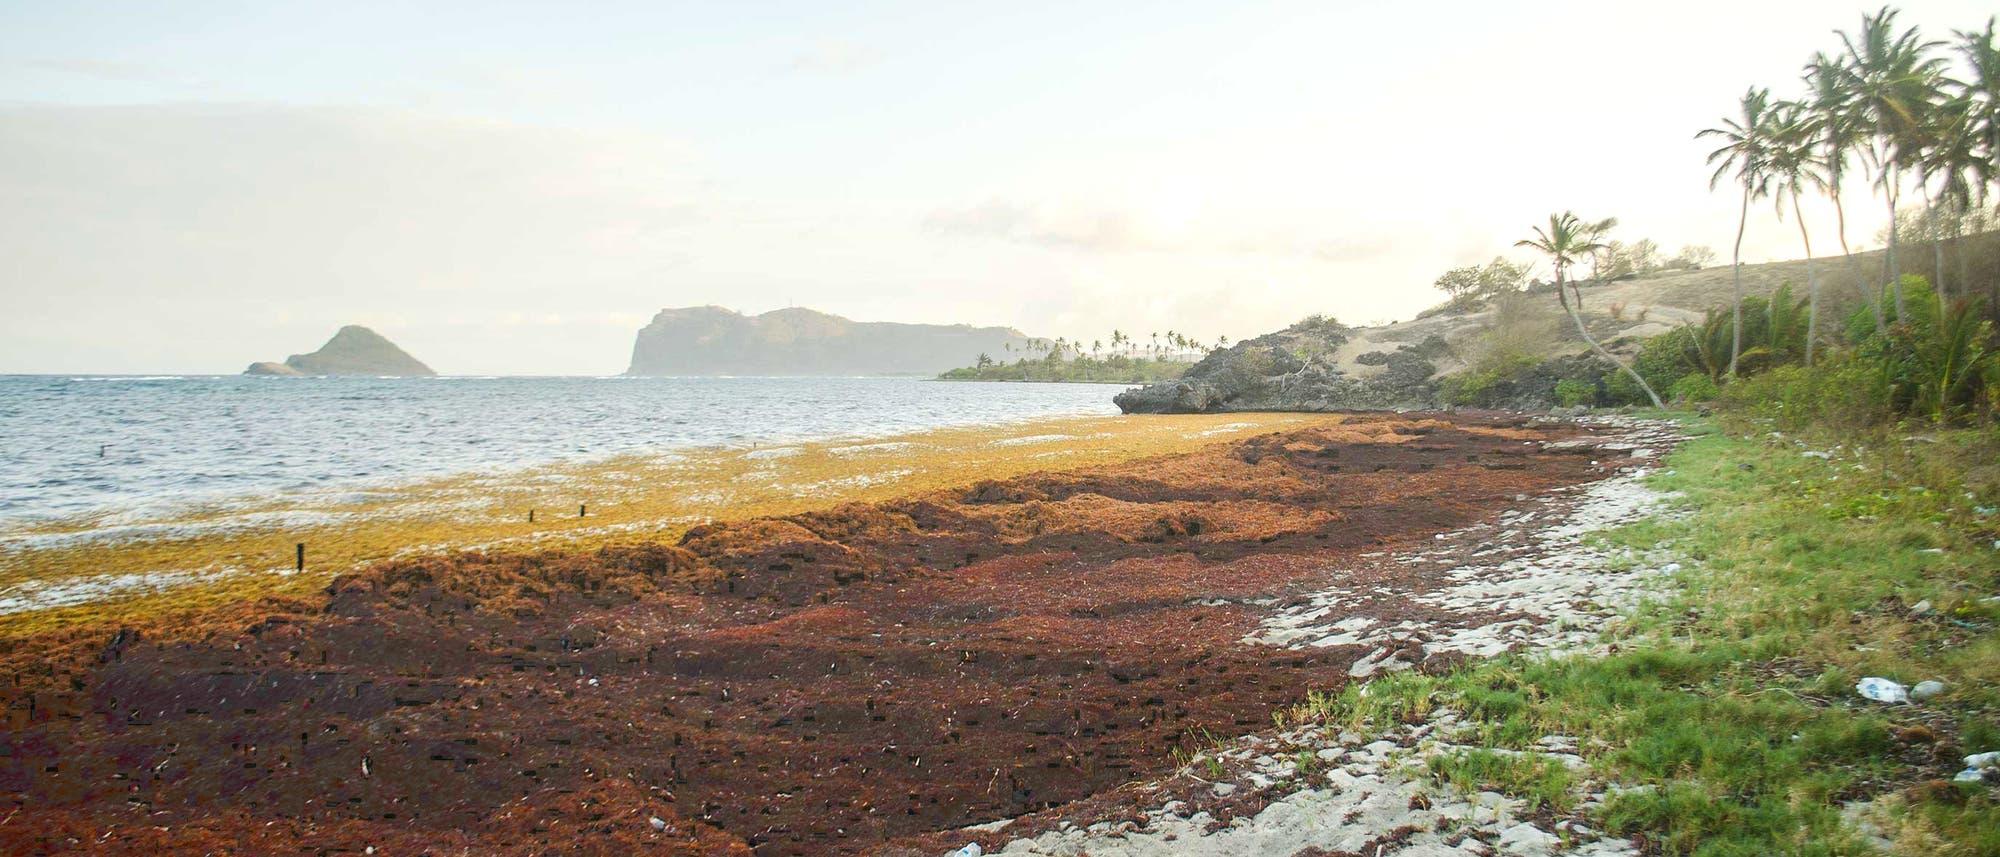 Eine dicke Schicht Sargassum-Braunalgen bedeckt Strand und Wasser auf einer Karibikinsel.